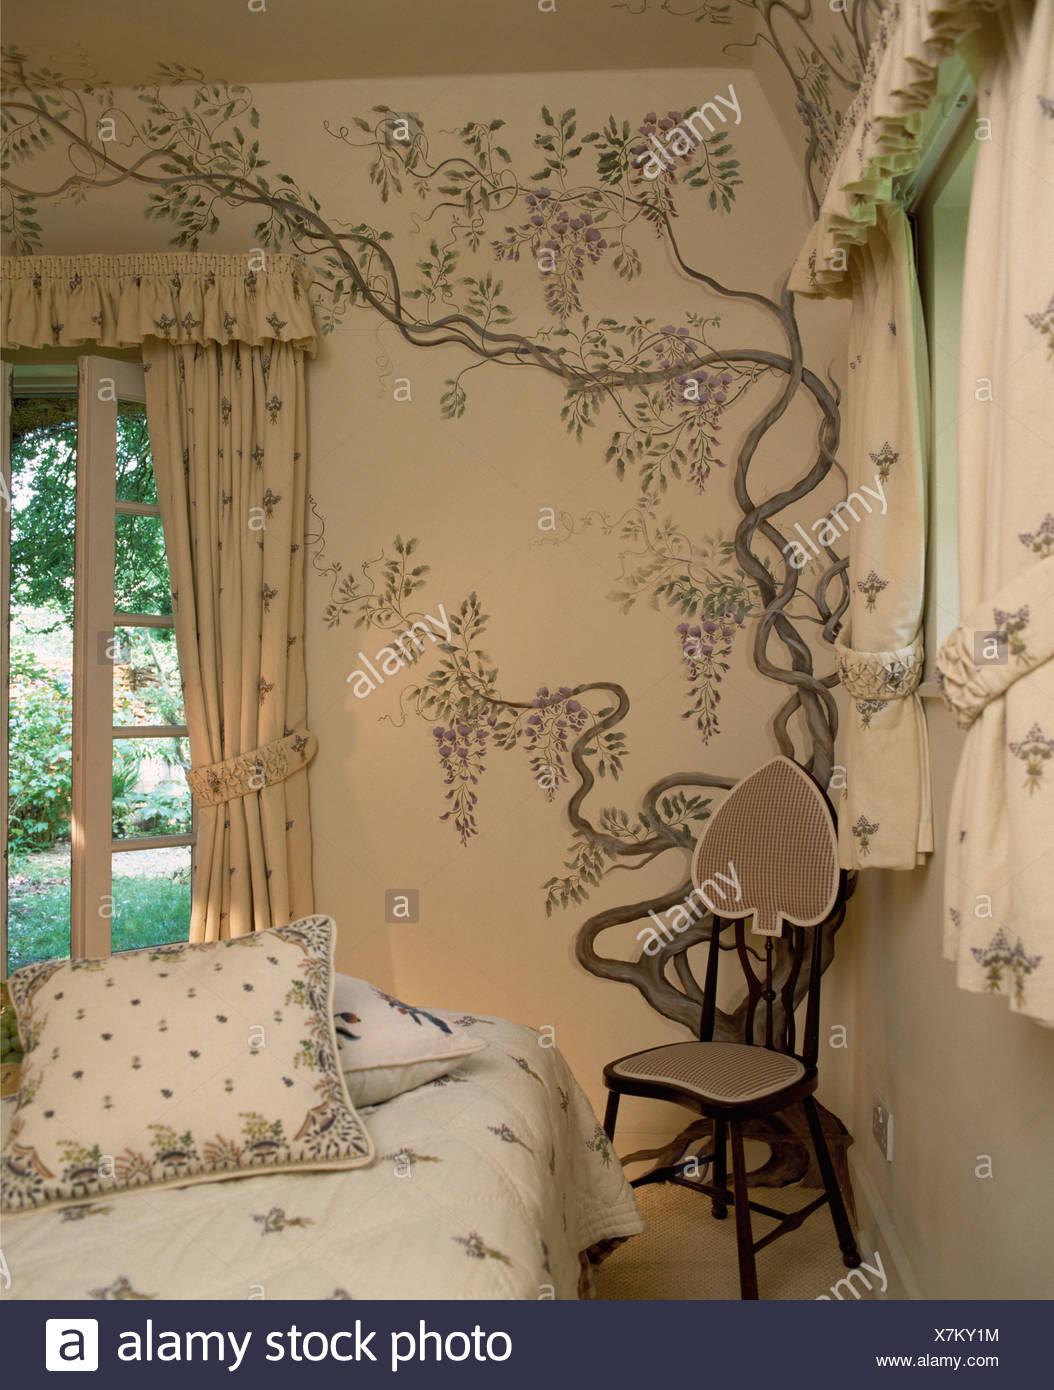 La Piccola sedia in un angolo della camera da letto cottage con ...